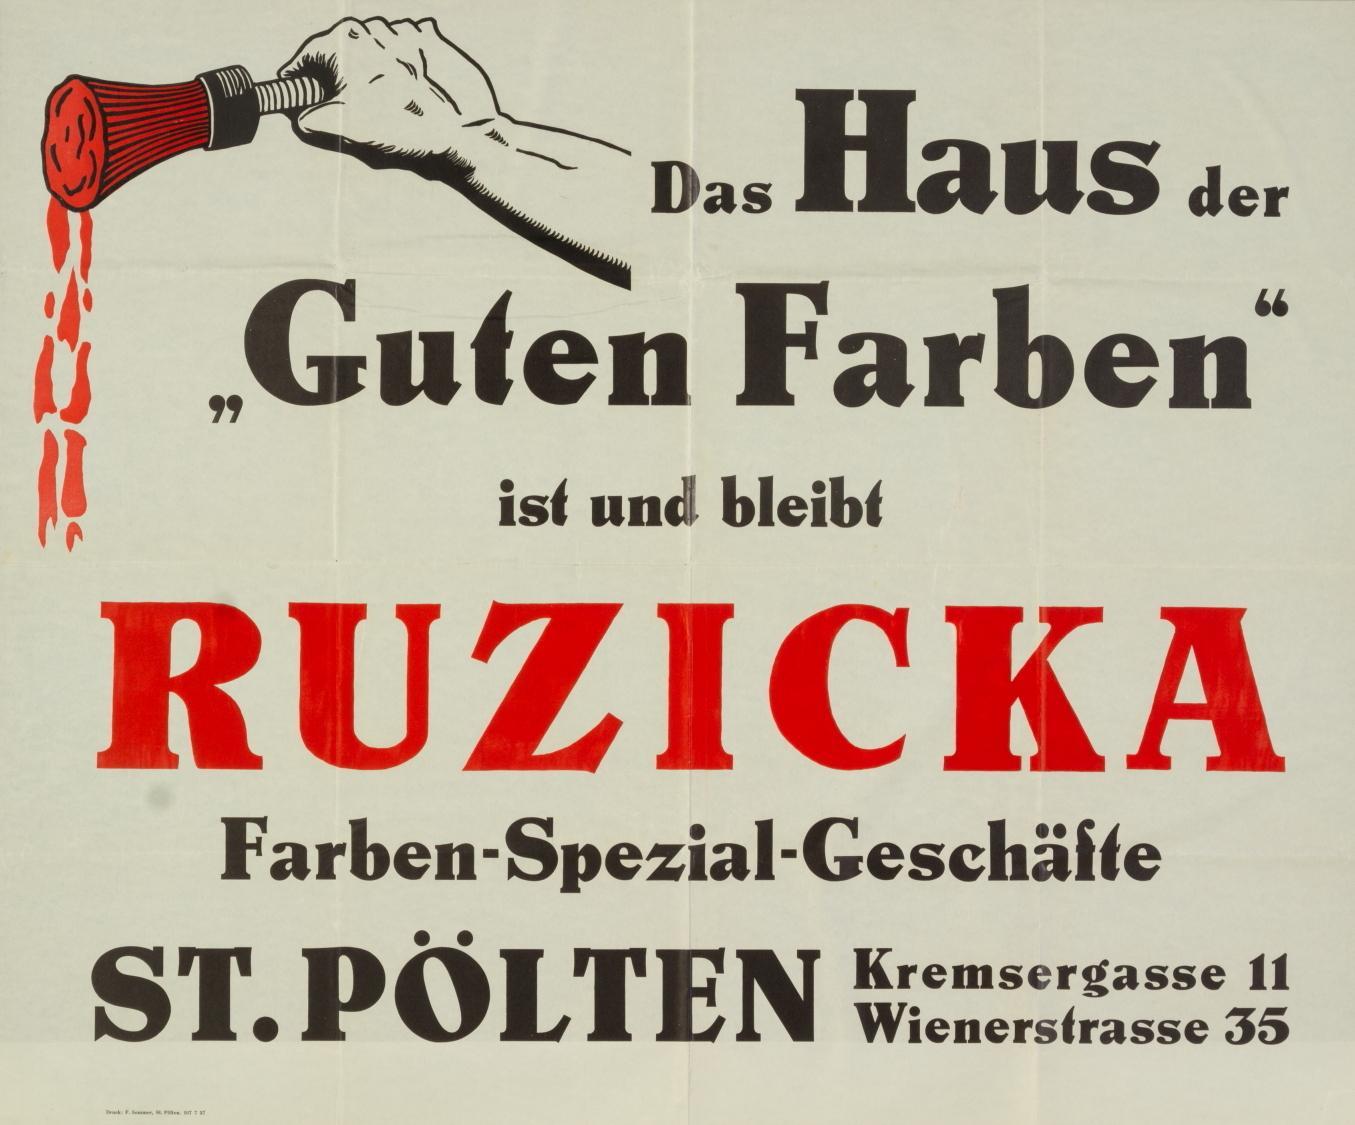 """Werbung, """"Das Haus der Guten Farben"""", Farben-Spezialgeschäfte Ruzicka, St. Pölten, Kremsergasse 11, Wienerstrasse 35"""